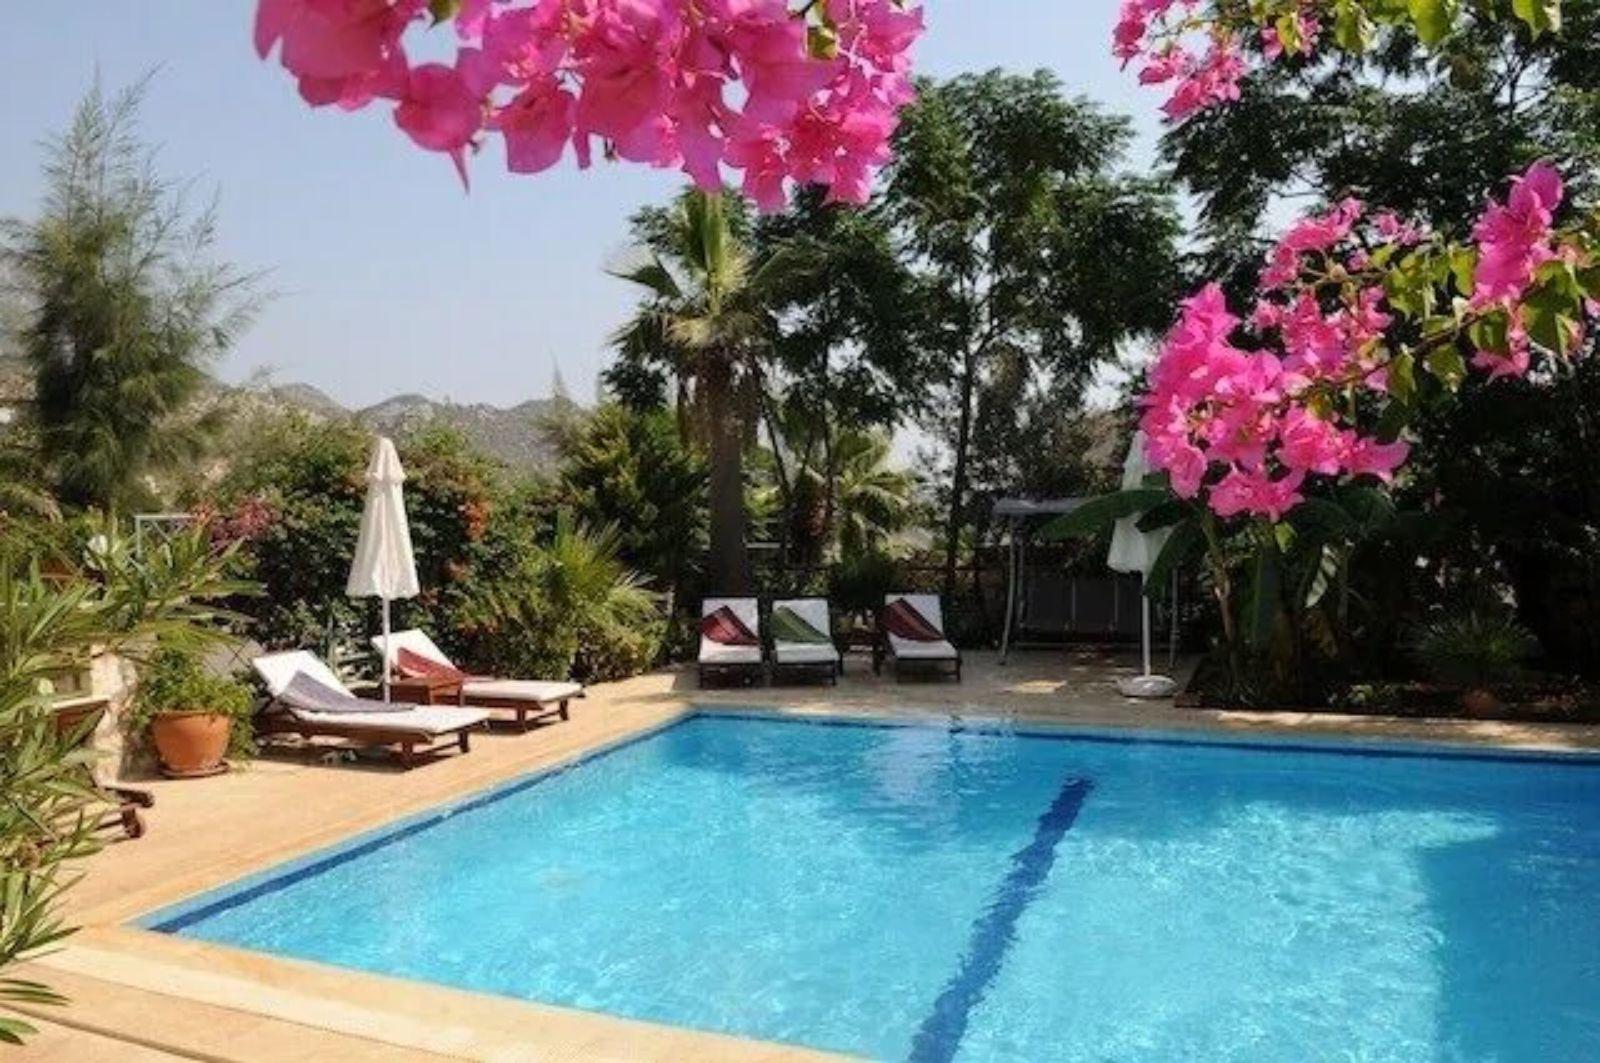 Luxus Gerumige, sehr private Villa mit eigenem Pool und Meerblick